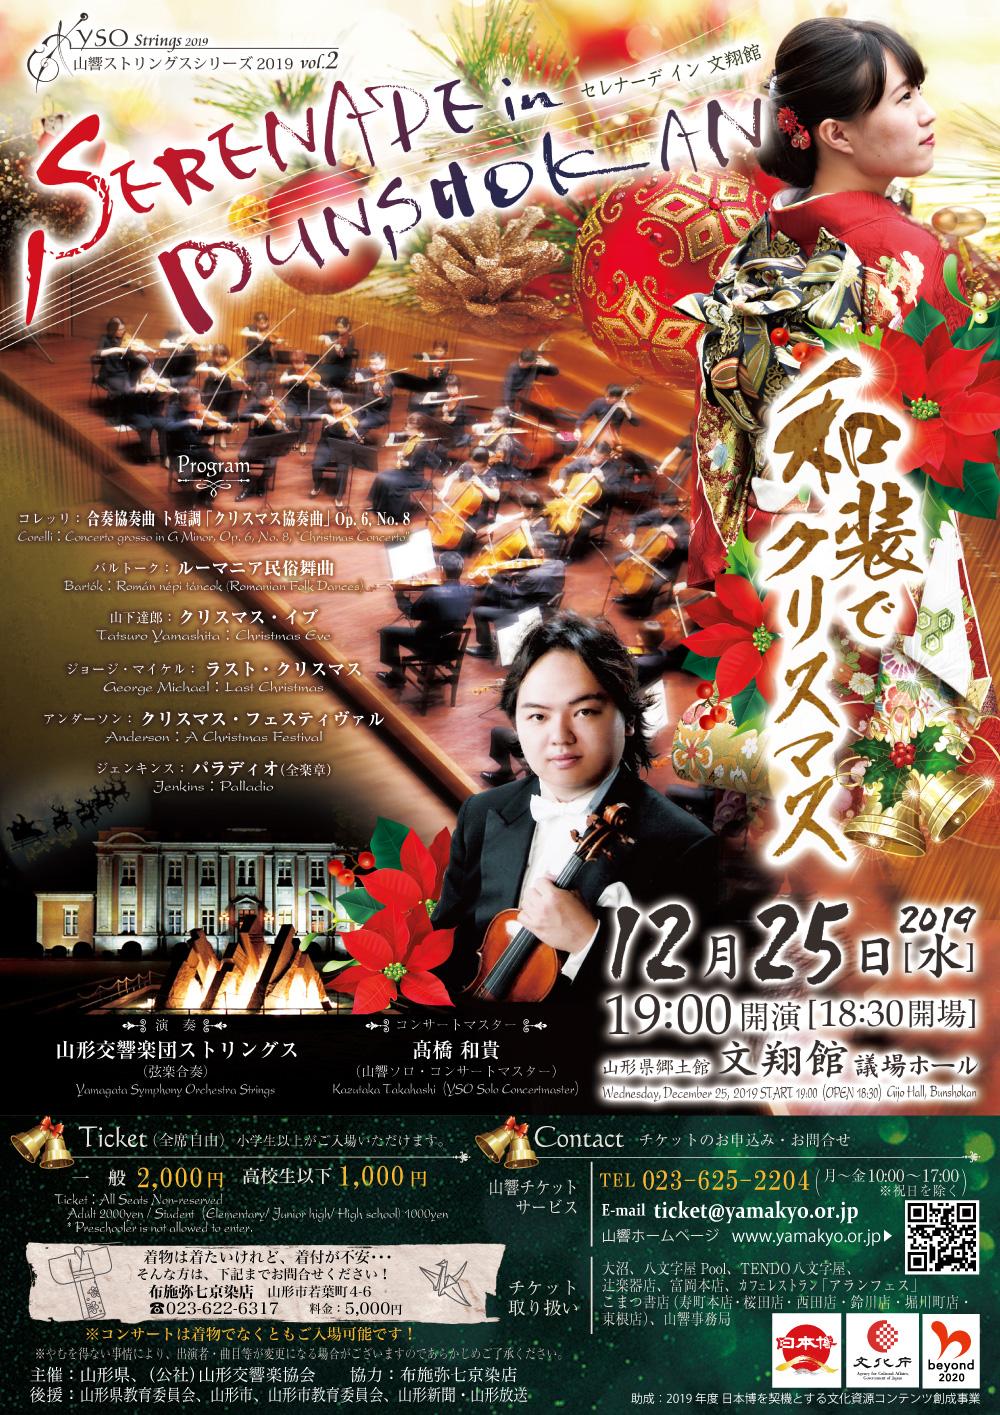 SERENADE in BUNSHOKAN<br> ~山響ストリングスシリーズ2019 Vol.2~